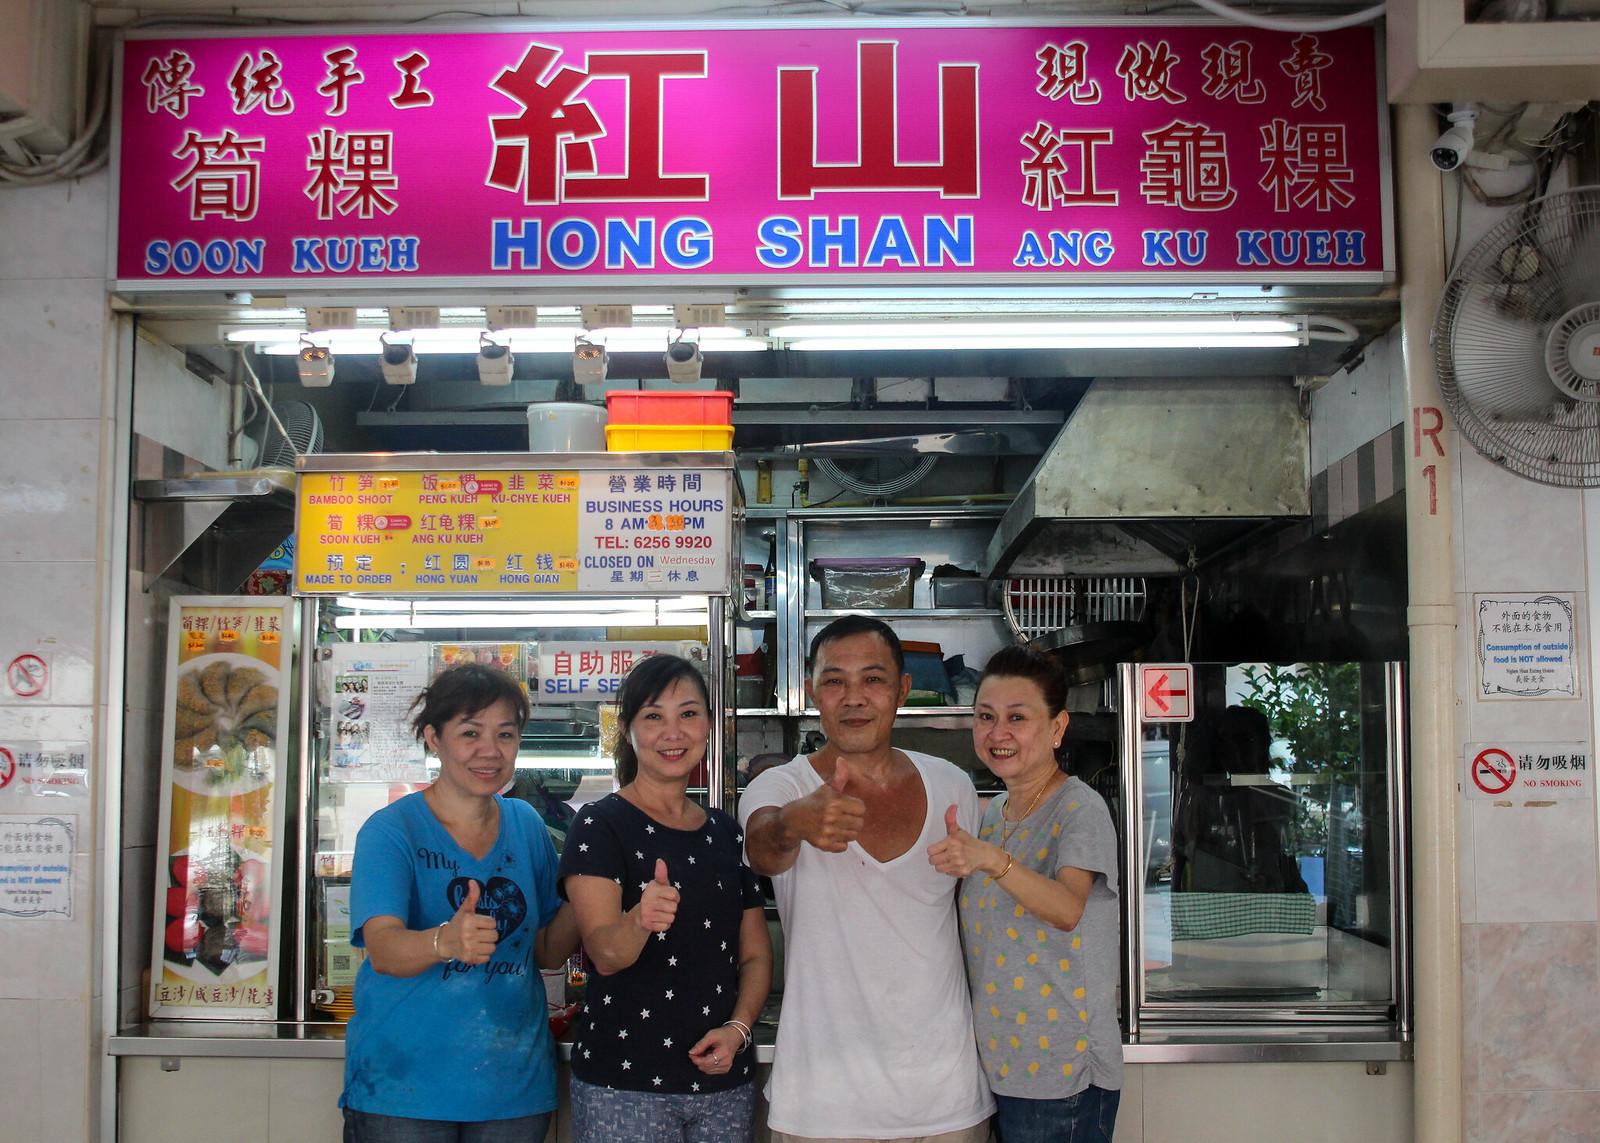 Hong_Shan_Ang_Ku_Kueh_Stall